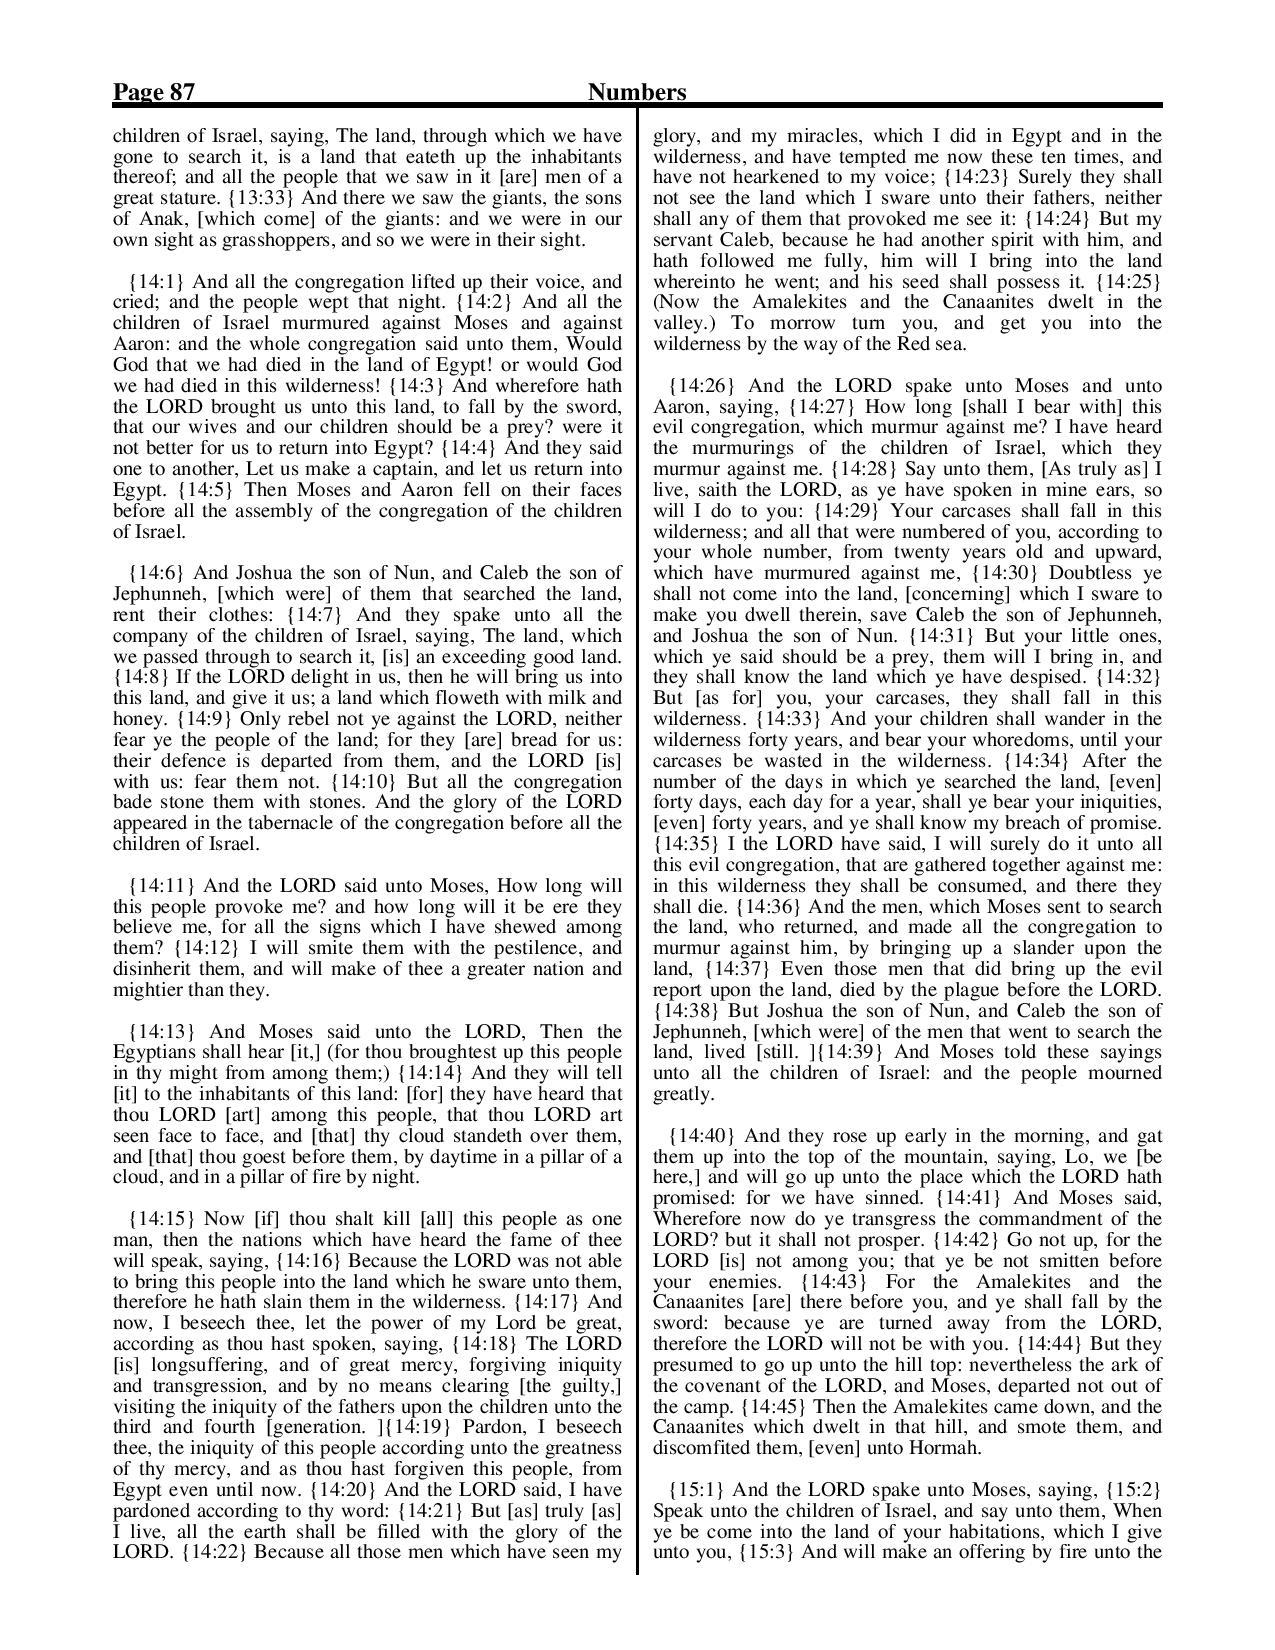 King-James-Bible-KJV-Bible-PDF-page-108